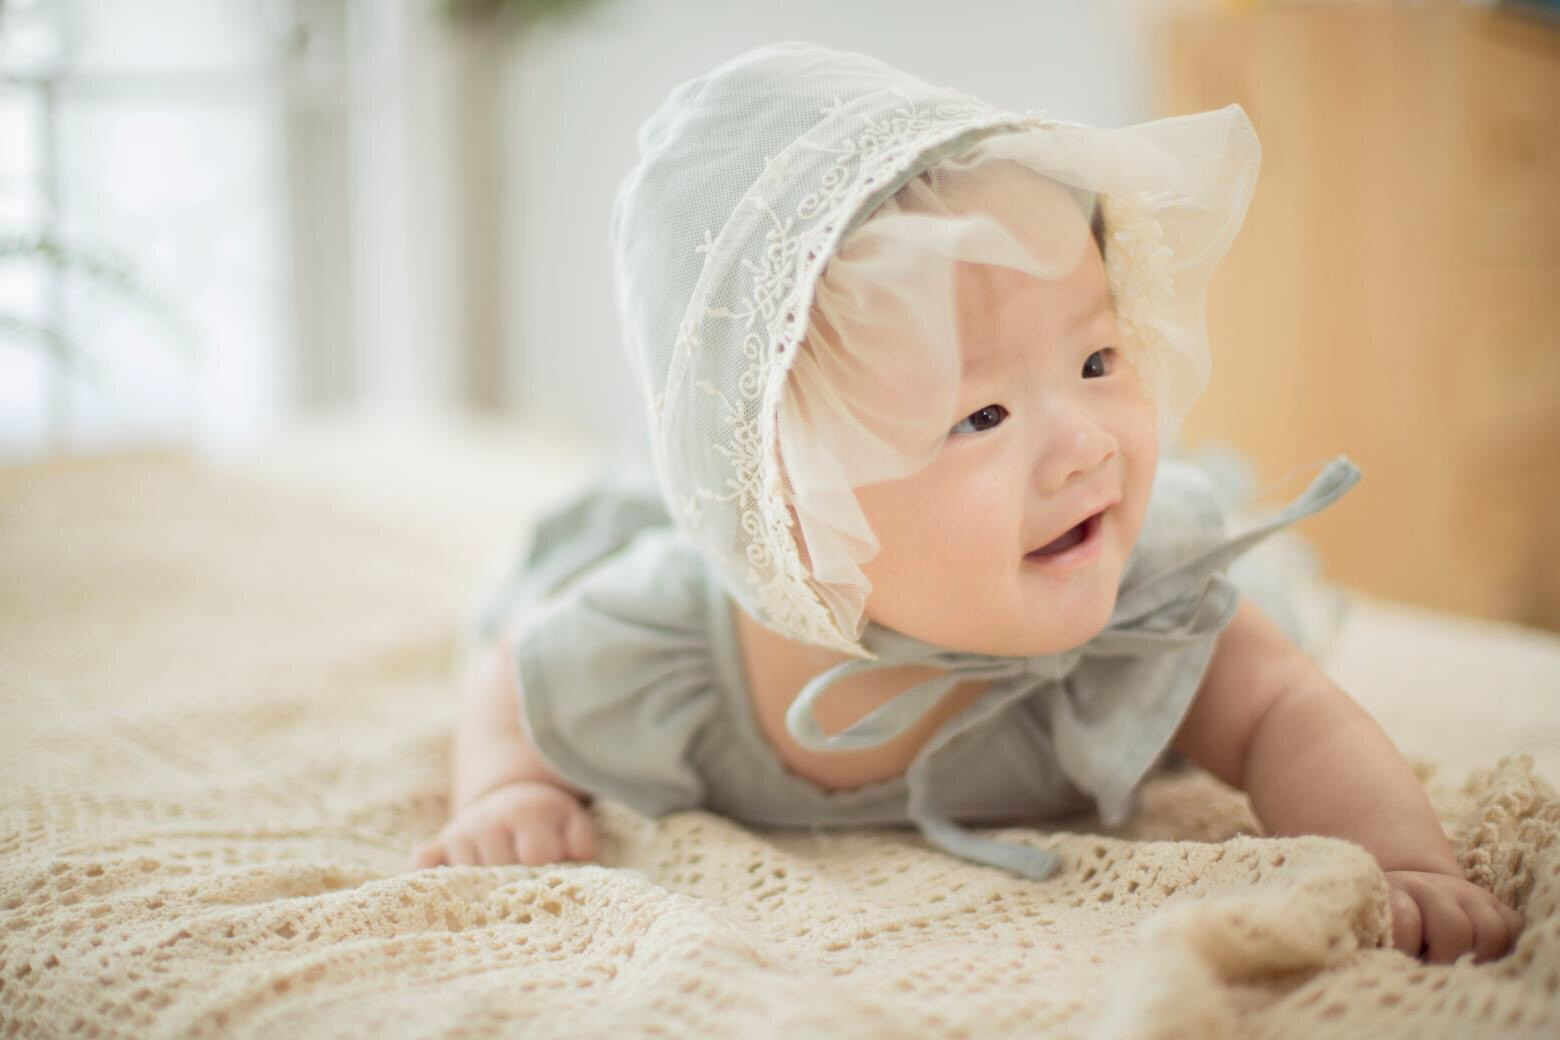 【2店通用】小可爱专业儿童摄影机构